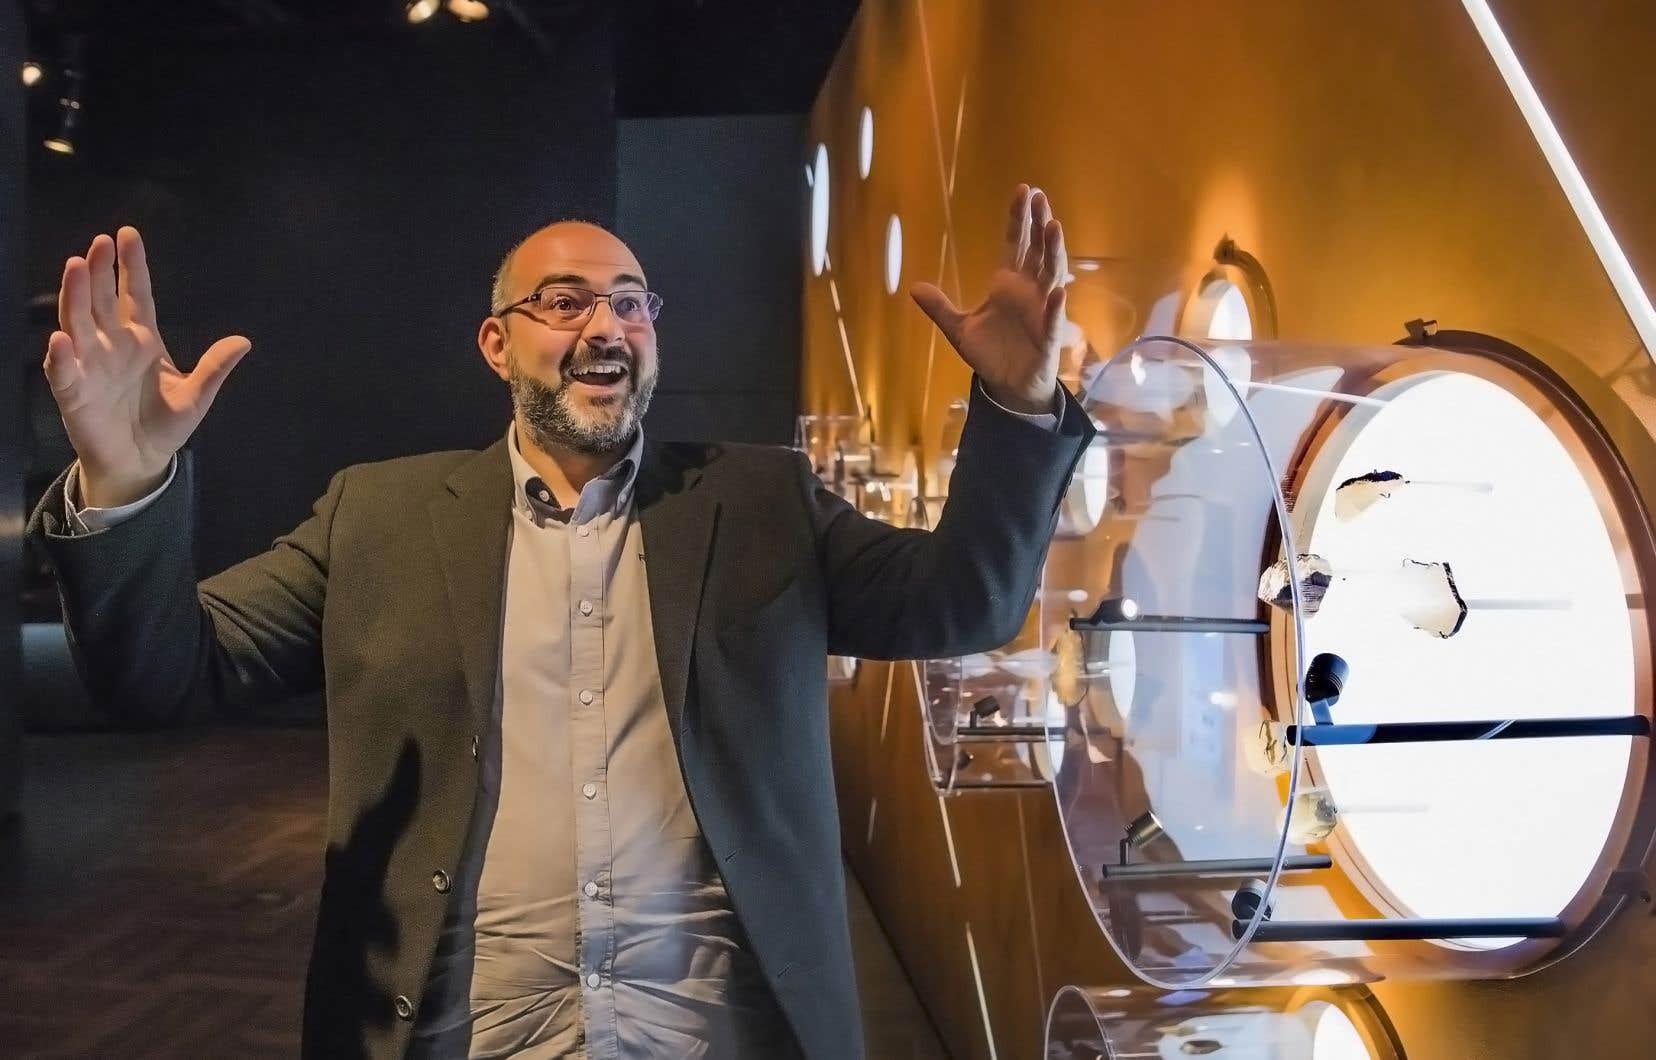 L'astrophysicien montréalais d'origine marseillaise a passé près de dix ans à l'Observatoire du Mont-Mégantic, comme directeur de projets d'abord, puis comme directeur des opérations.